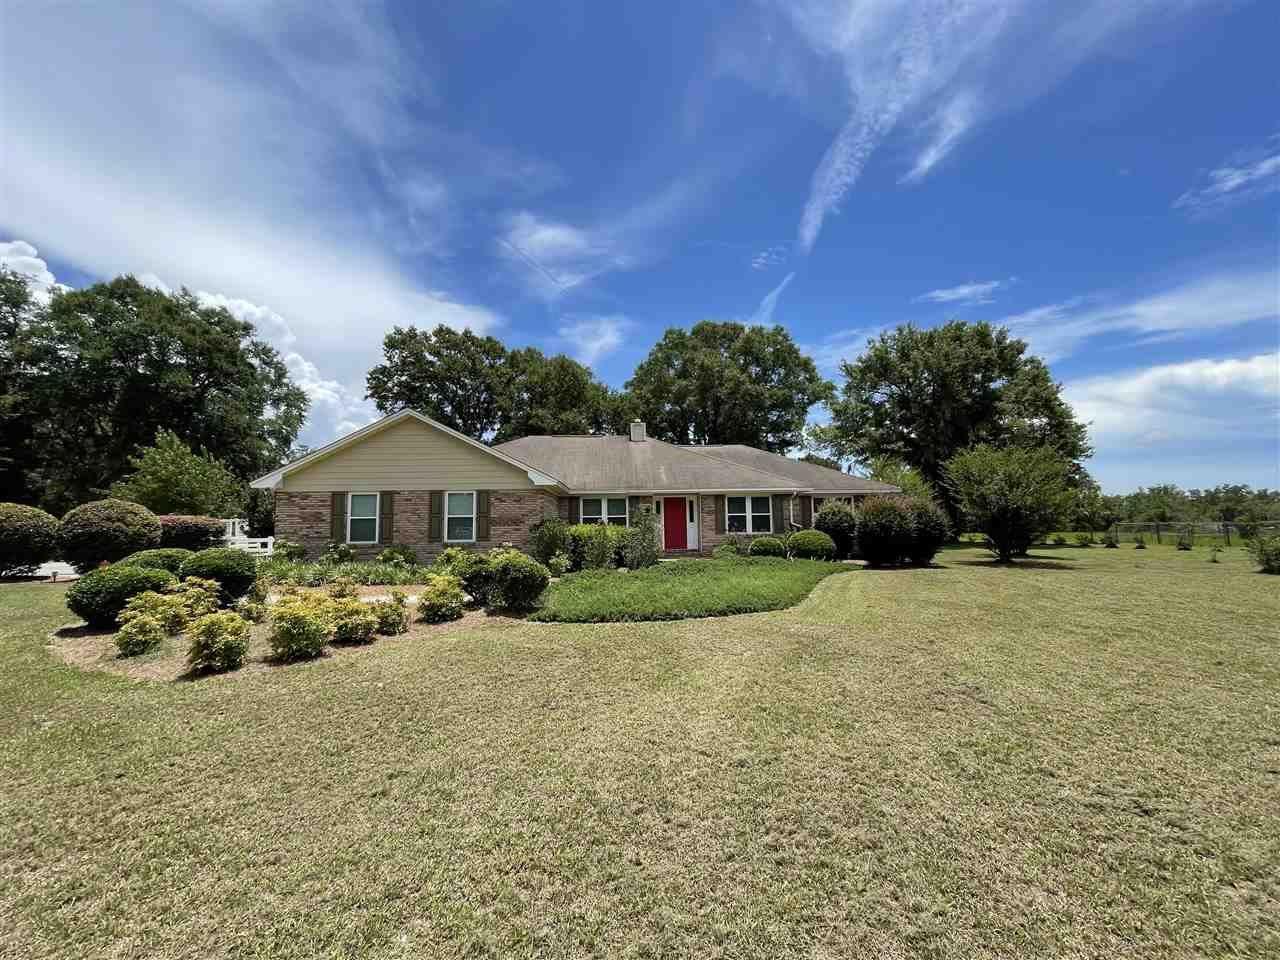 141 Council Moore Road, Crawfordville, FL 32327 - MLS#: 334221